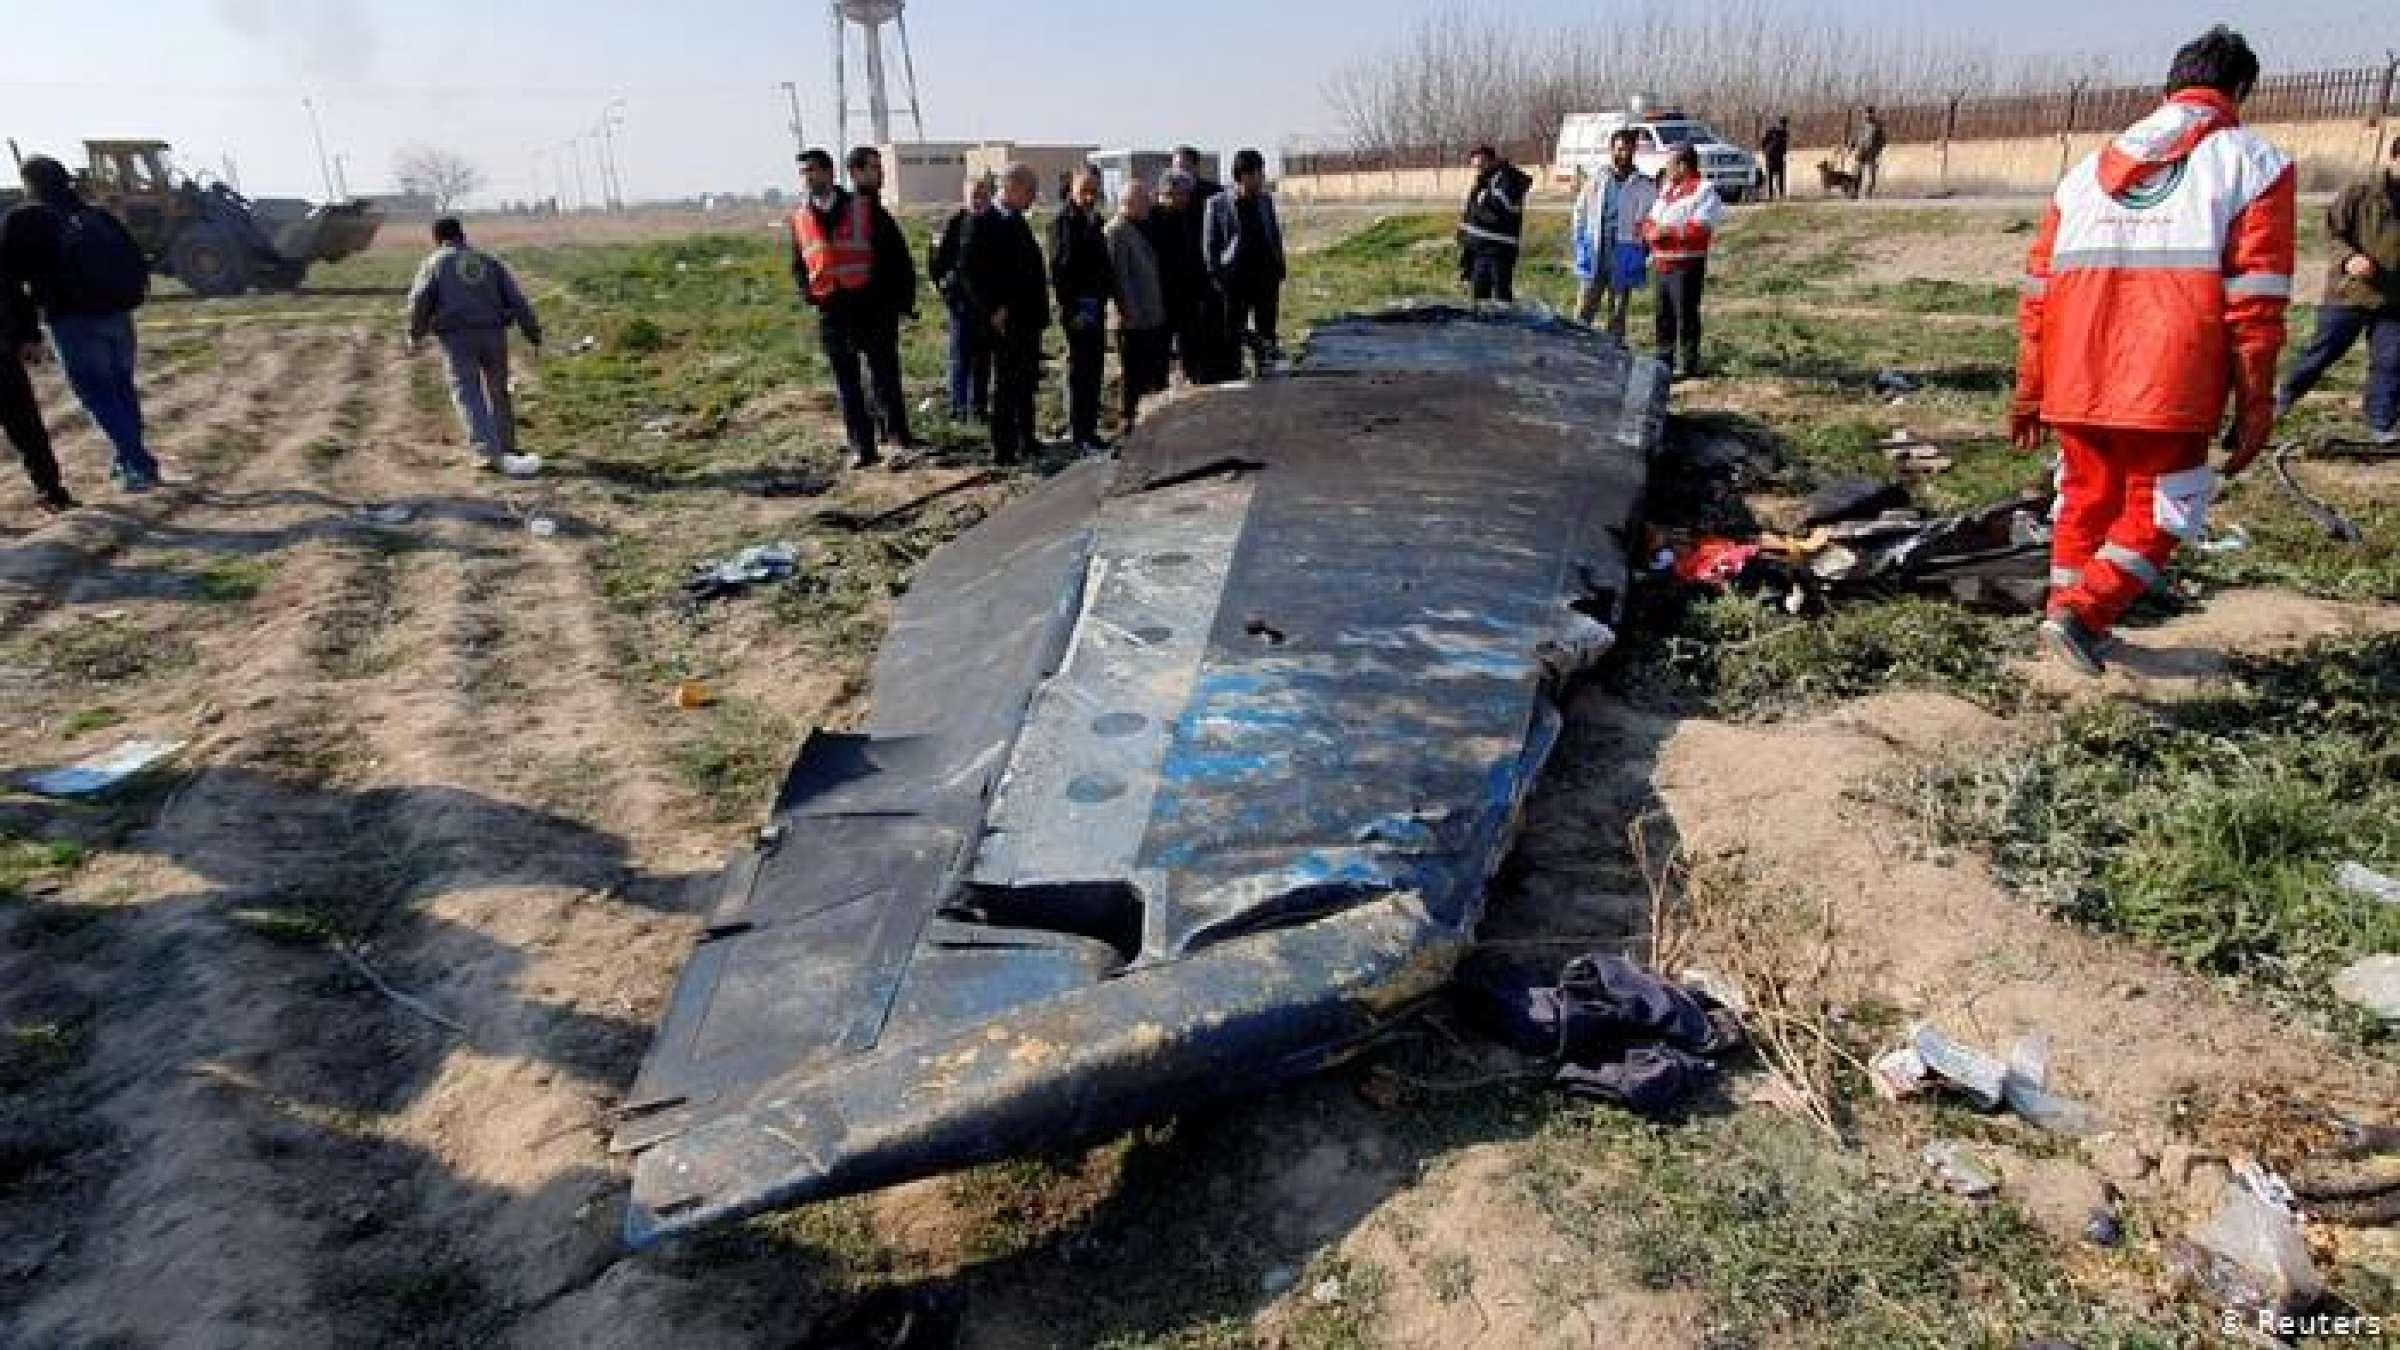 ایران-اطلاع-شکایت-از-دولت-کانادا-را-تکذیب-کرد-جمهوری-اسلامی-دادگاه-های-کانادا-صلاحیت-رسیدگی-به-شکایت-درباره-هواپیما-اوکراینی-را-ندارند